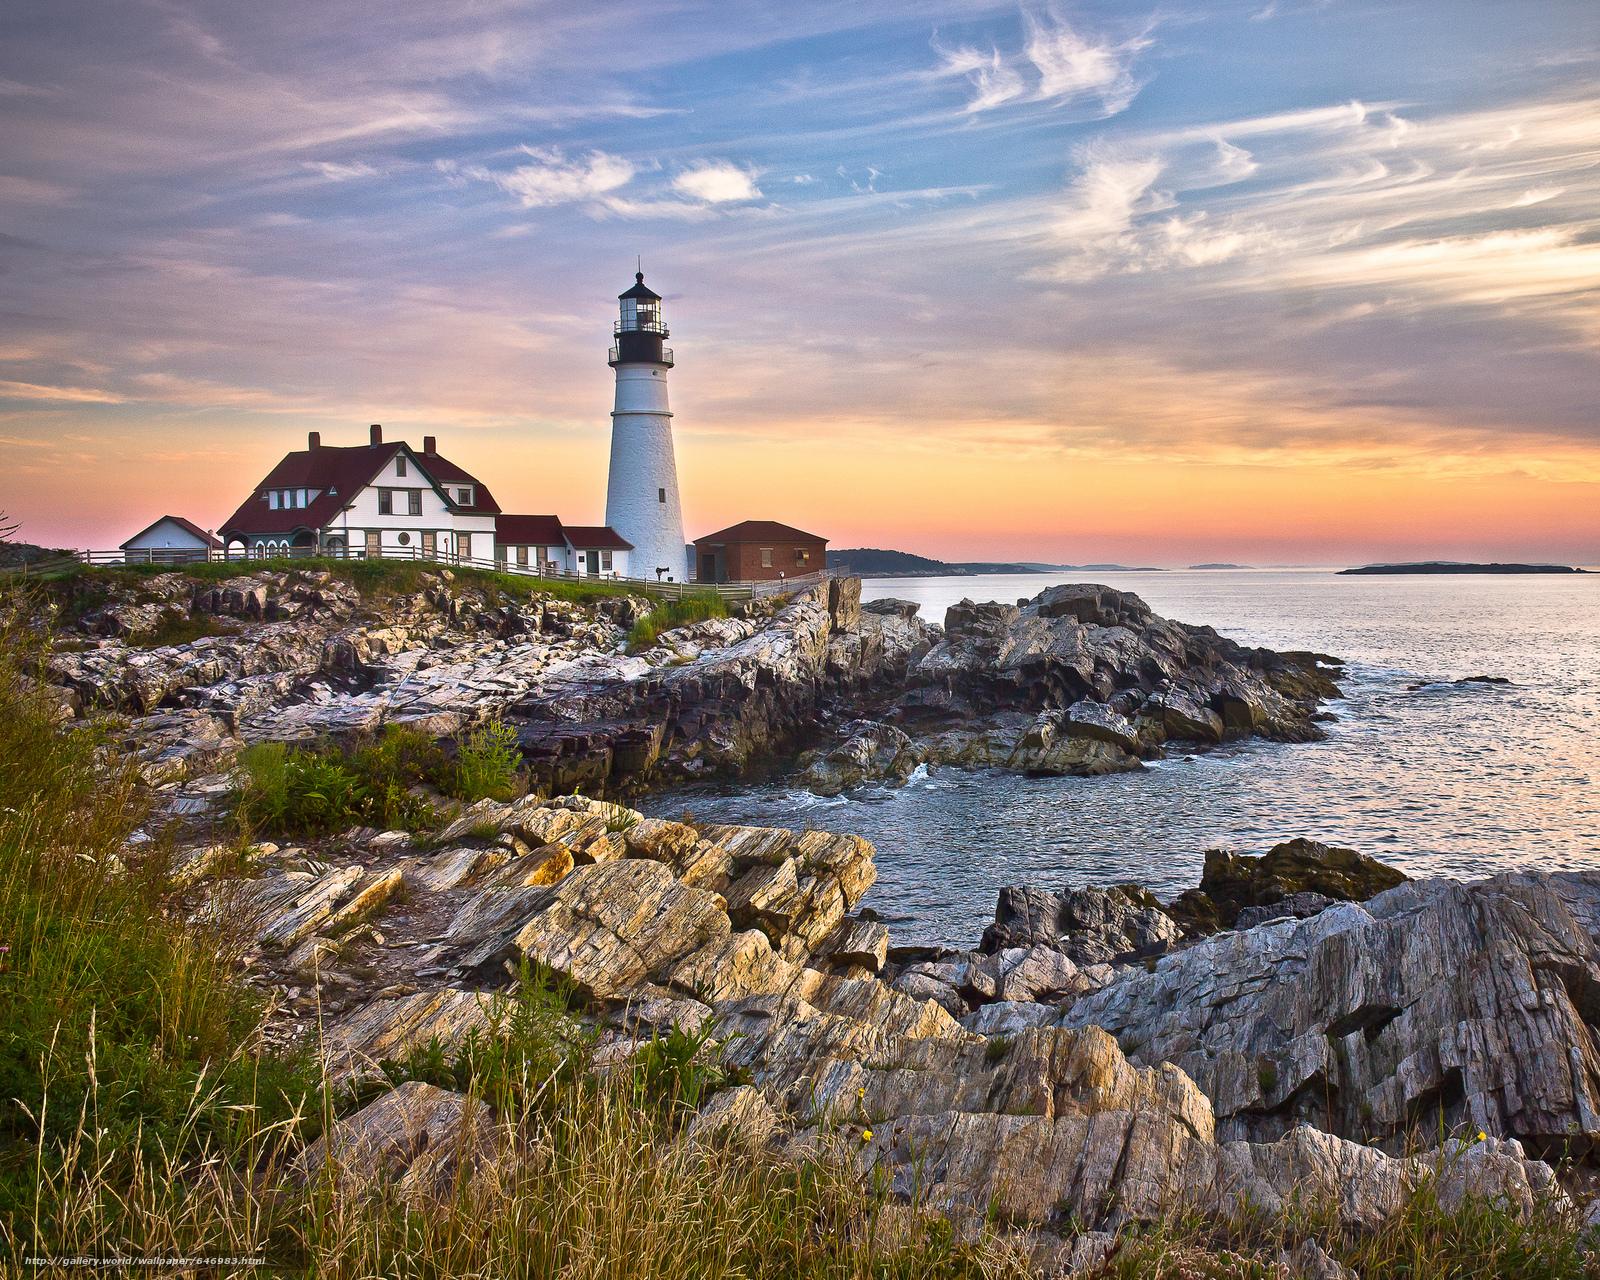 Скачать обои Portland Head Light,  Cape Elizabeth,  Maine,  маяк бесплатно для рабочего стола в разрешении 2048x1638 — картинка №646983